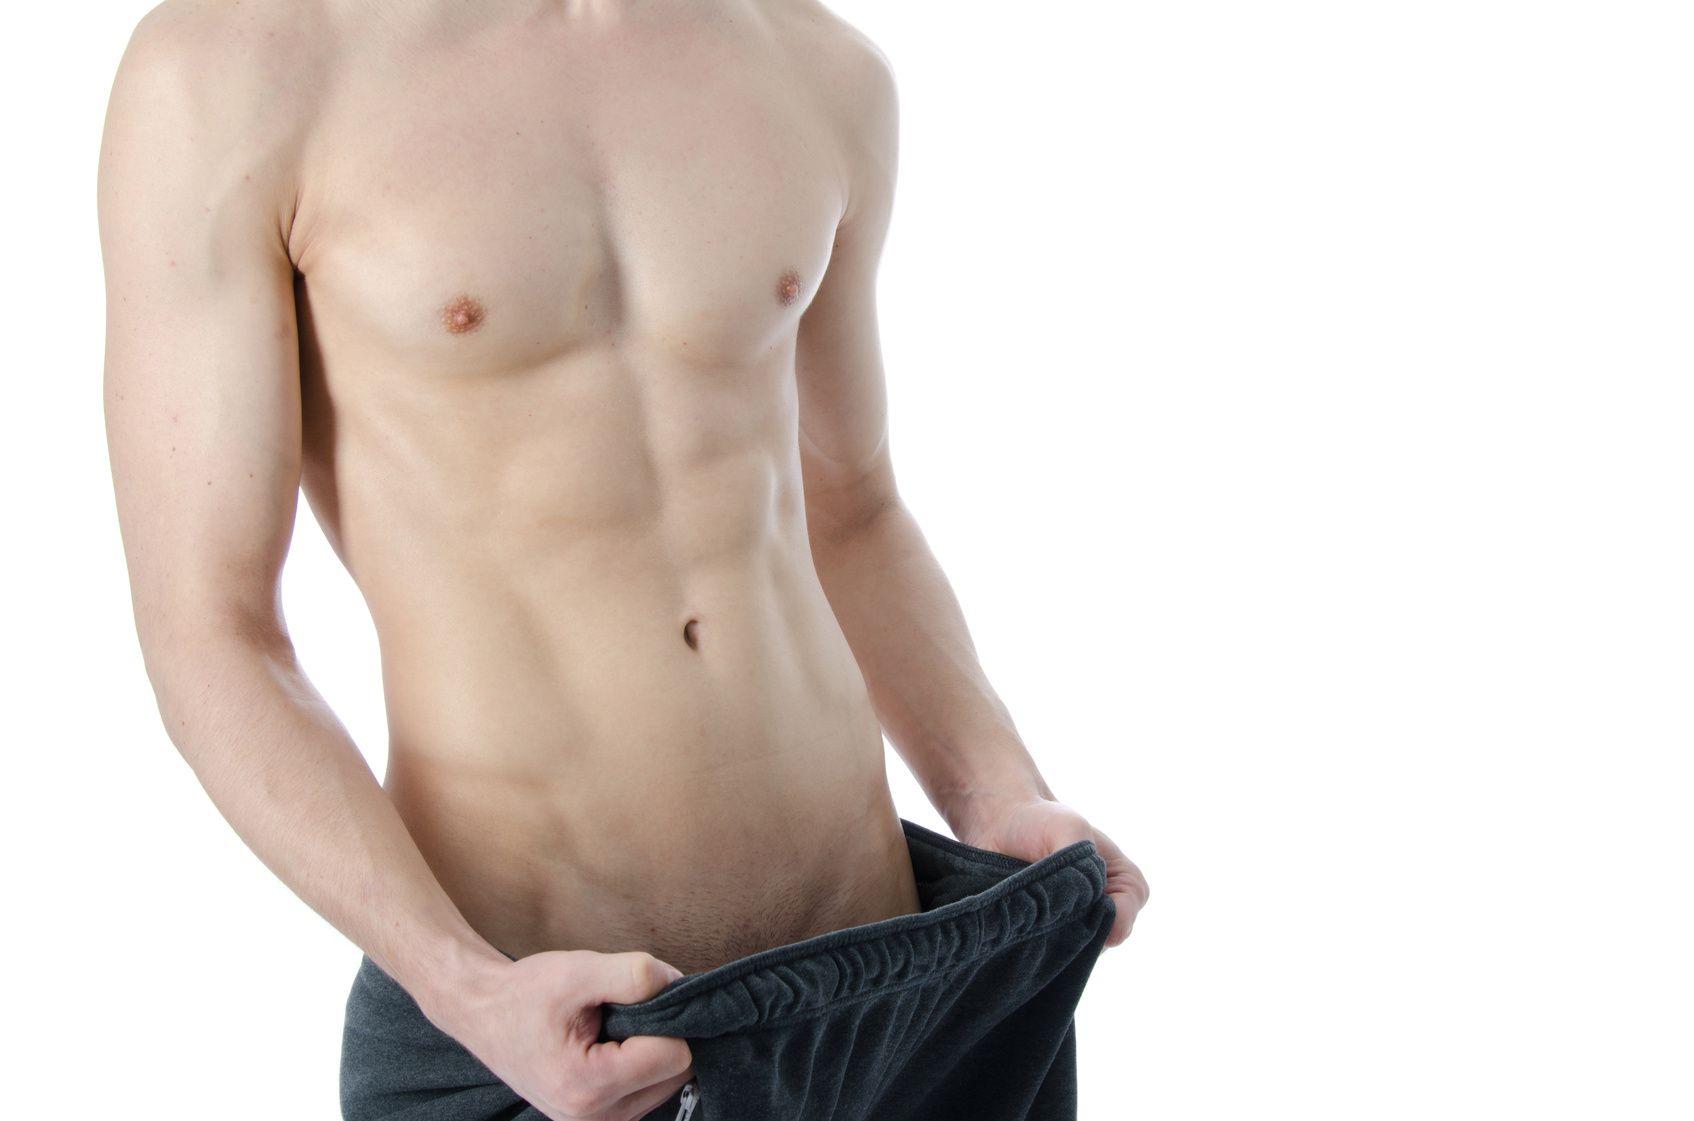 Comment faire grand et long pénis